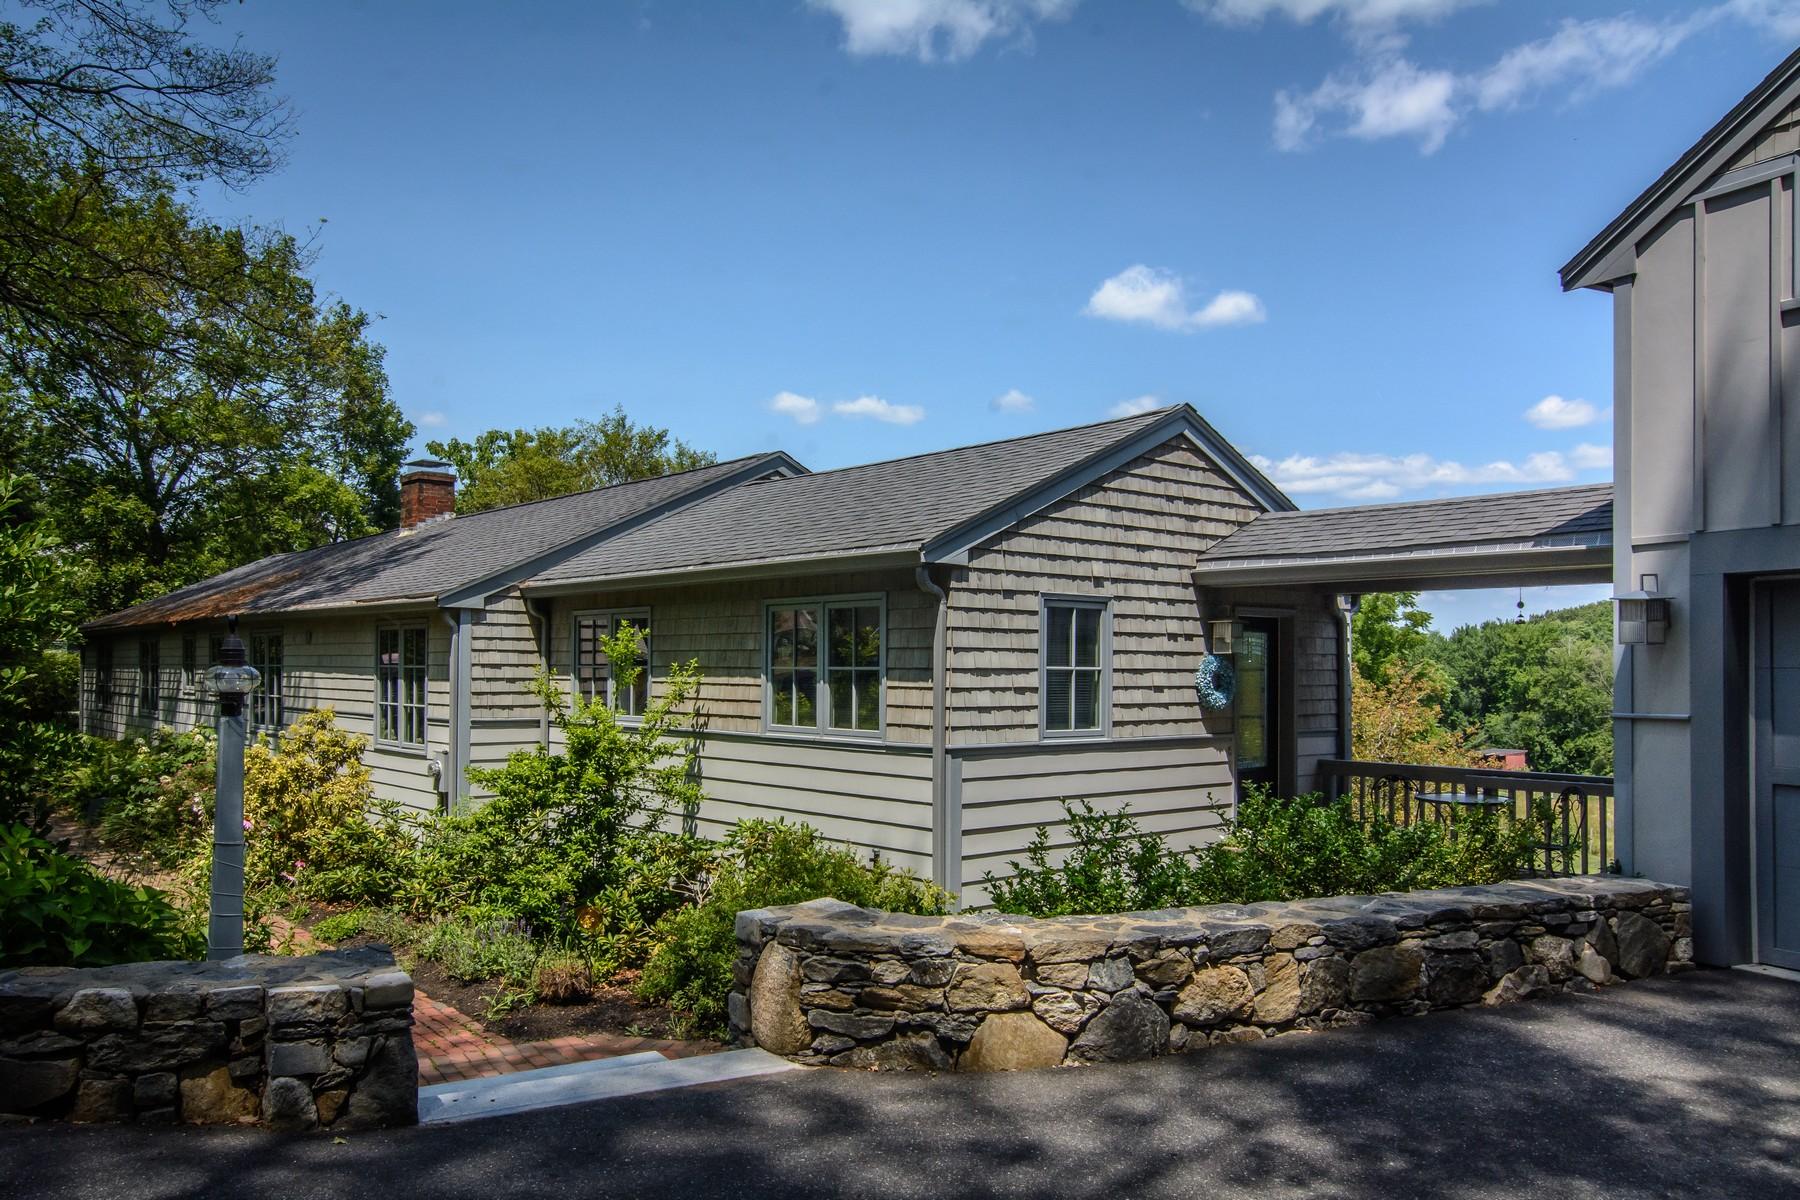 Villa per Vendita alle ore Architect-designed Contemporary Farmhouse Ranch 26 Chestnut Street Westborough, Massachusetts, 01581 Stati Uniti